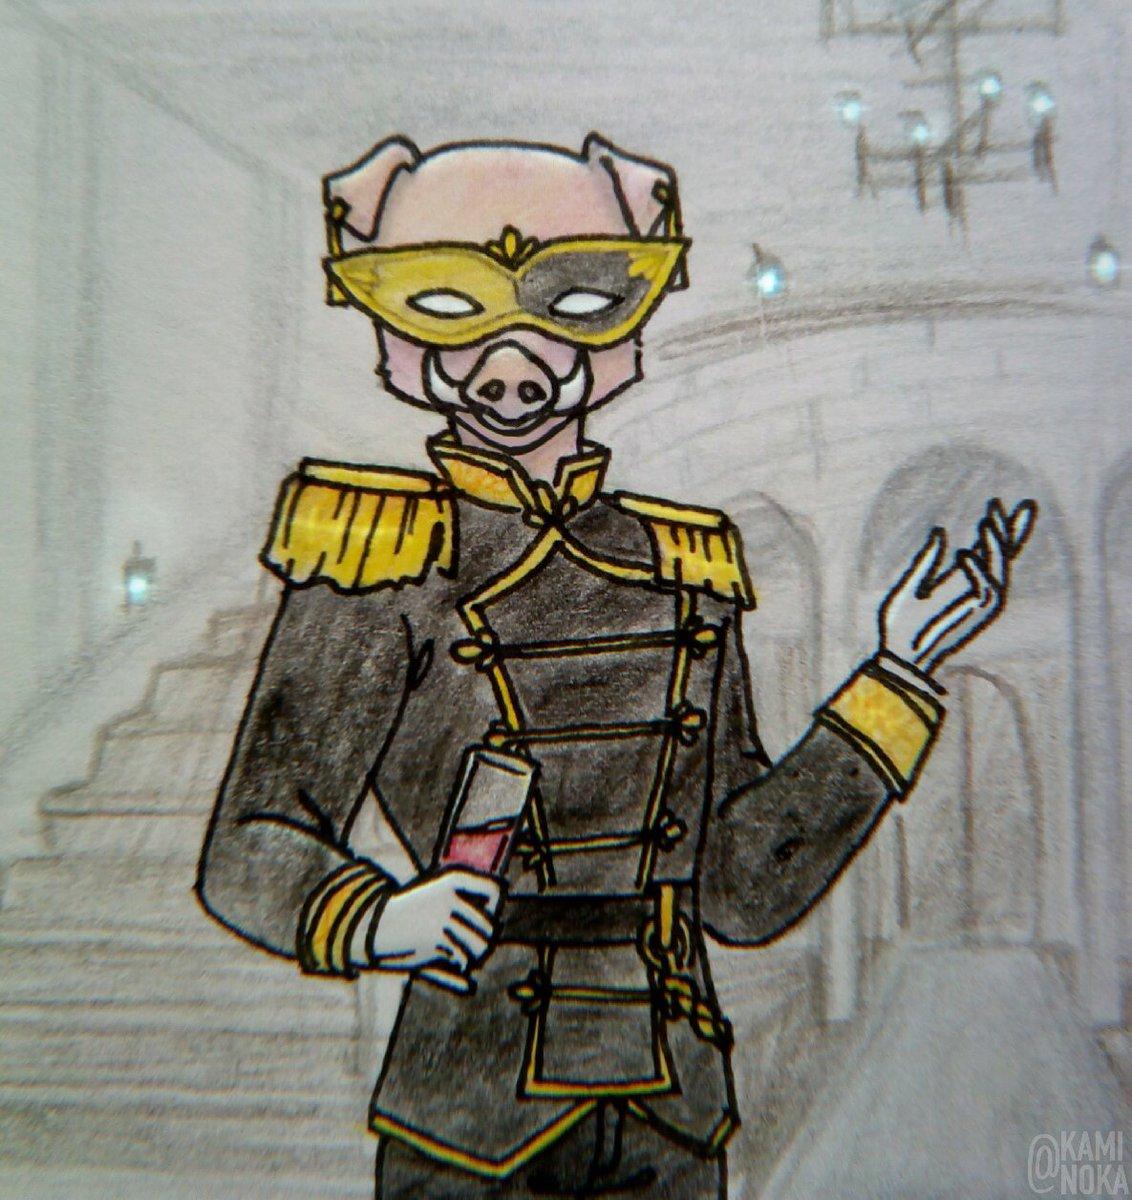 """Стрим с маскарадом был давно, а я только сейчас решила нарисовать Сэра Биллиама III """":)  #TALESFROMTHESMP #dsmp  #SIRBILLIAM #technoblade"""